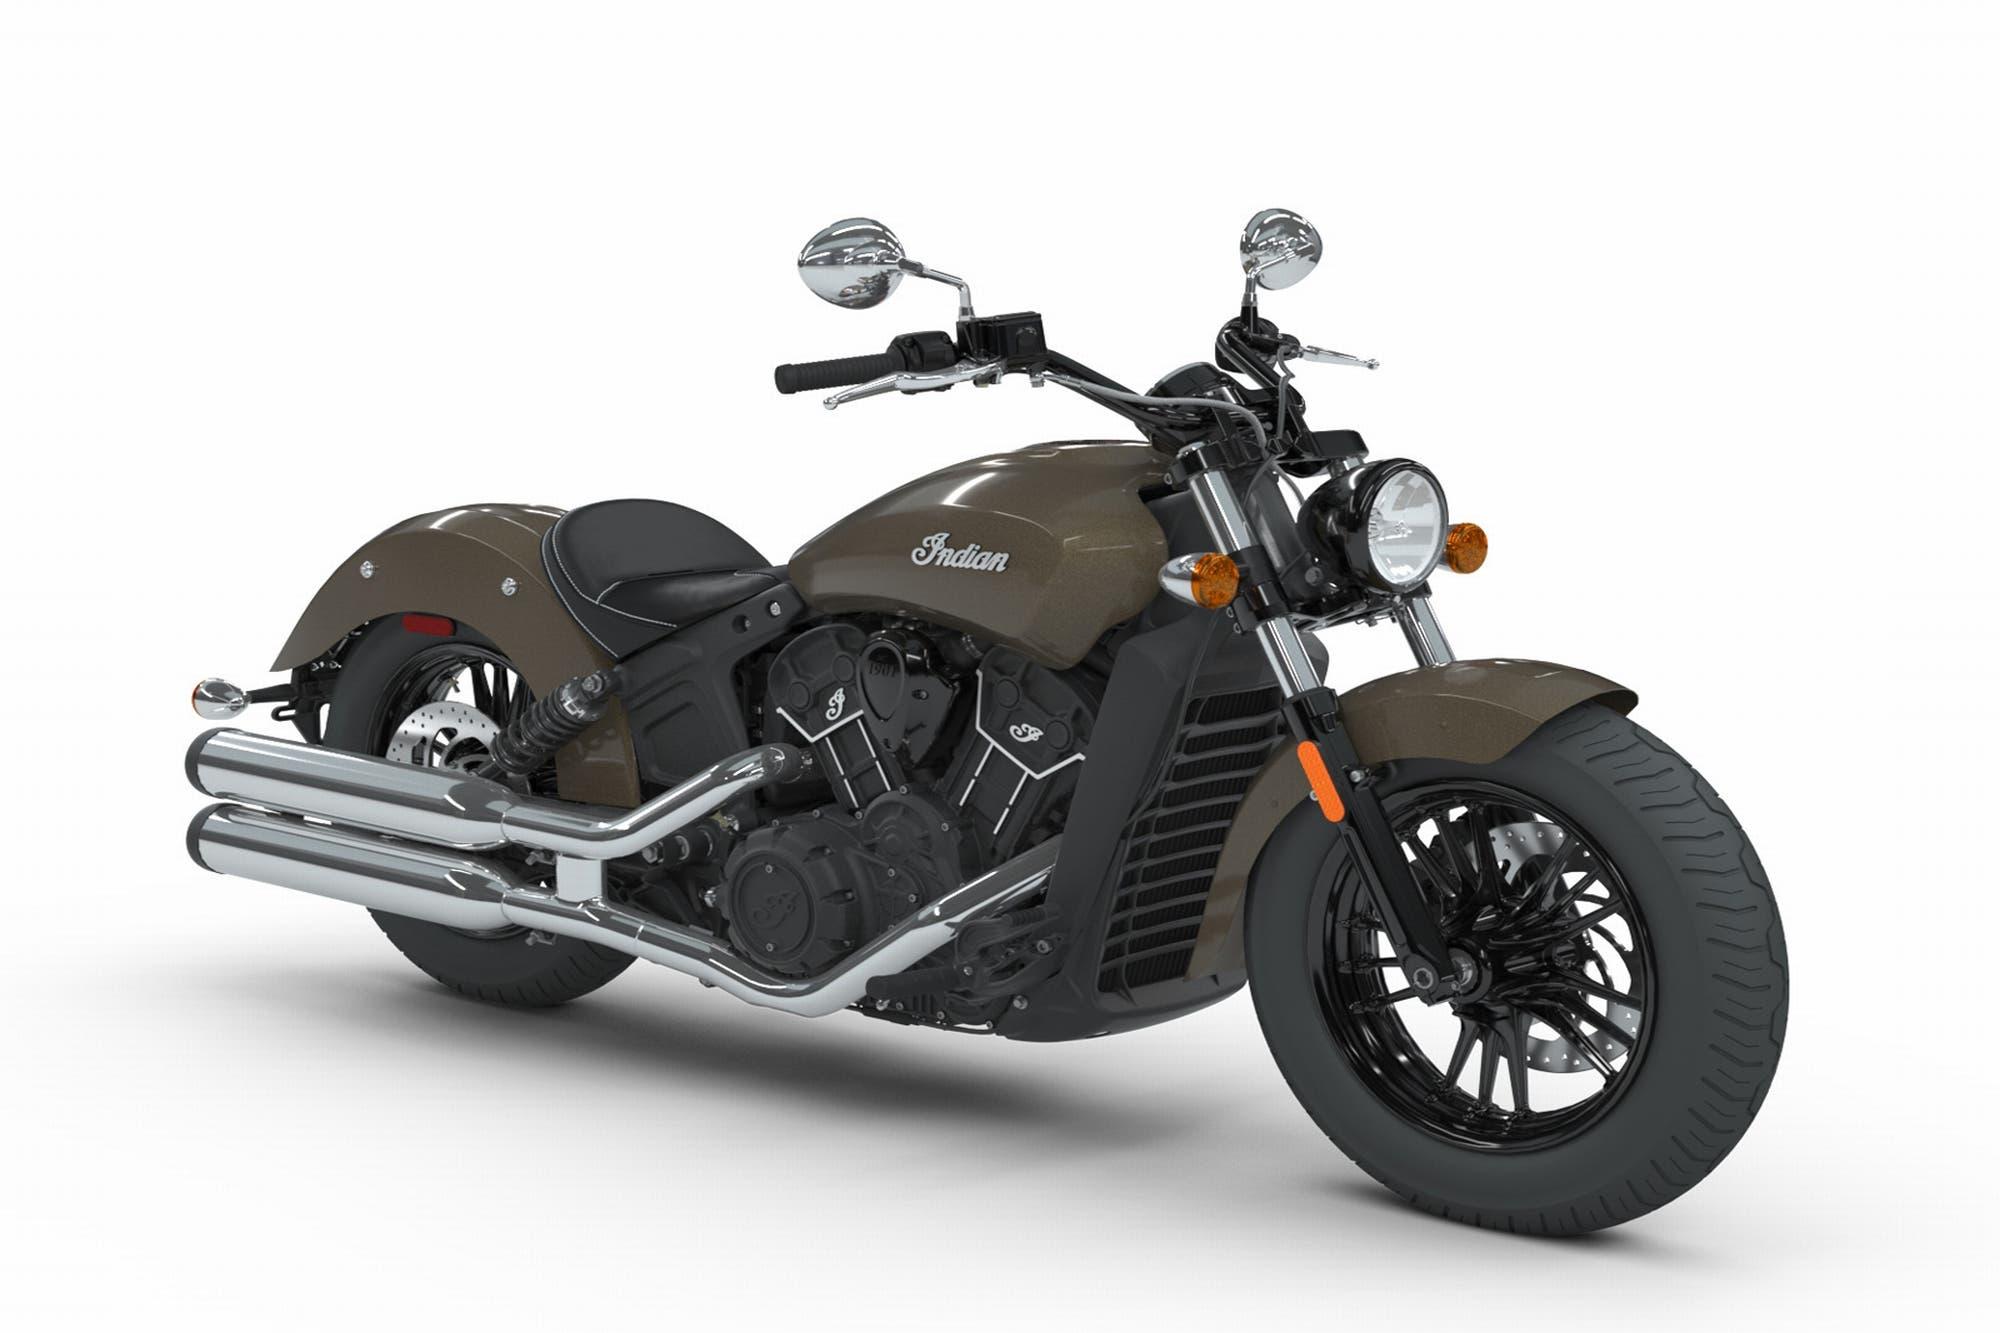 782a41502ce Diez motos que deslumbran en el Salón de la Motocicleta 2018 - LA NACION